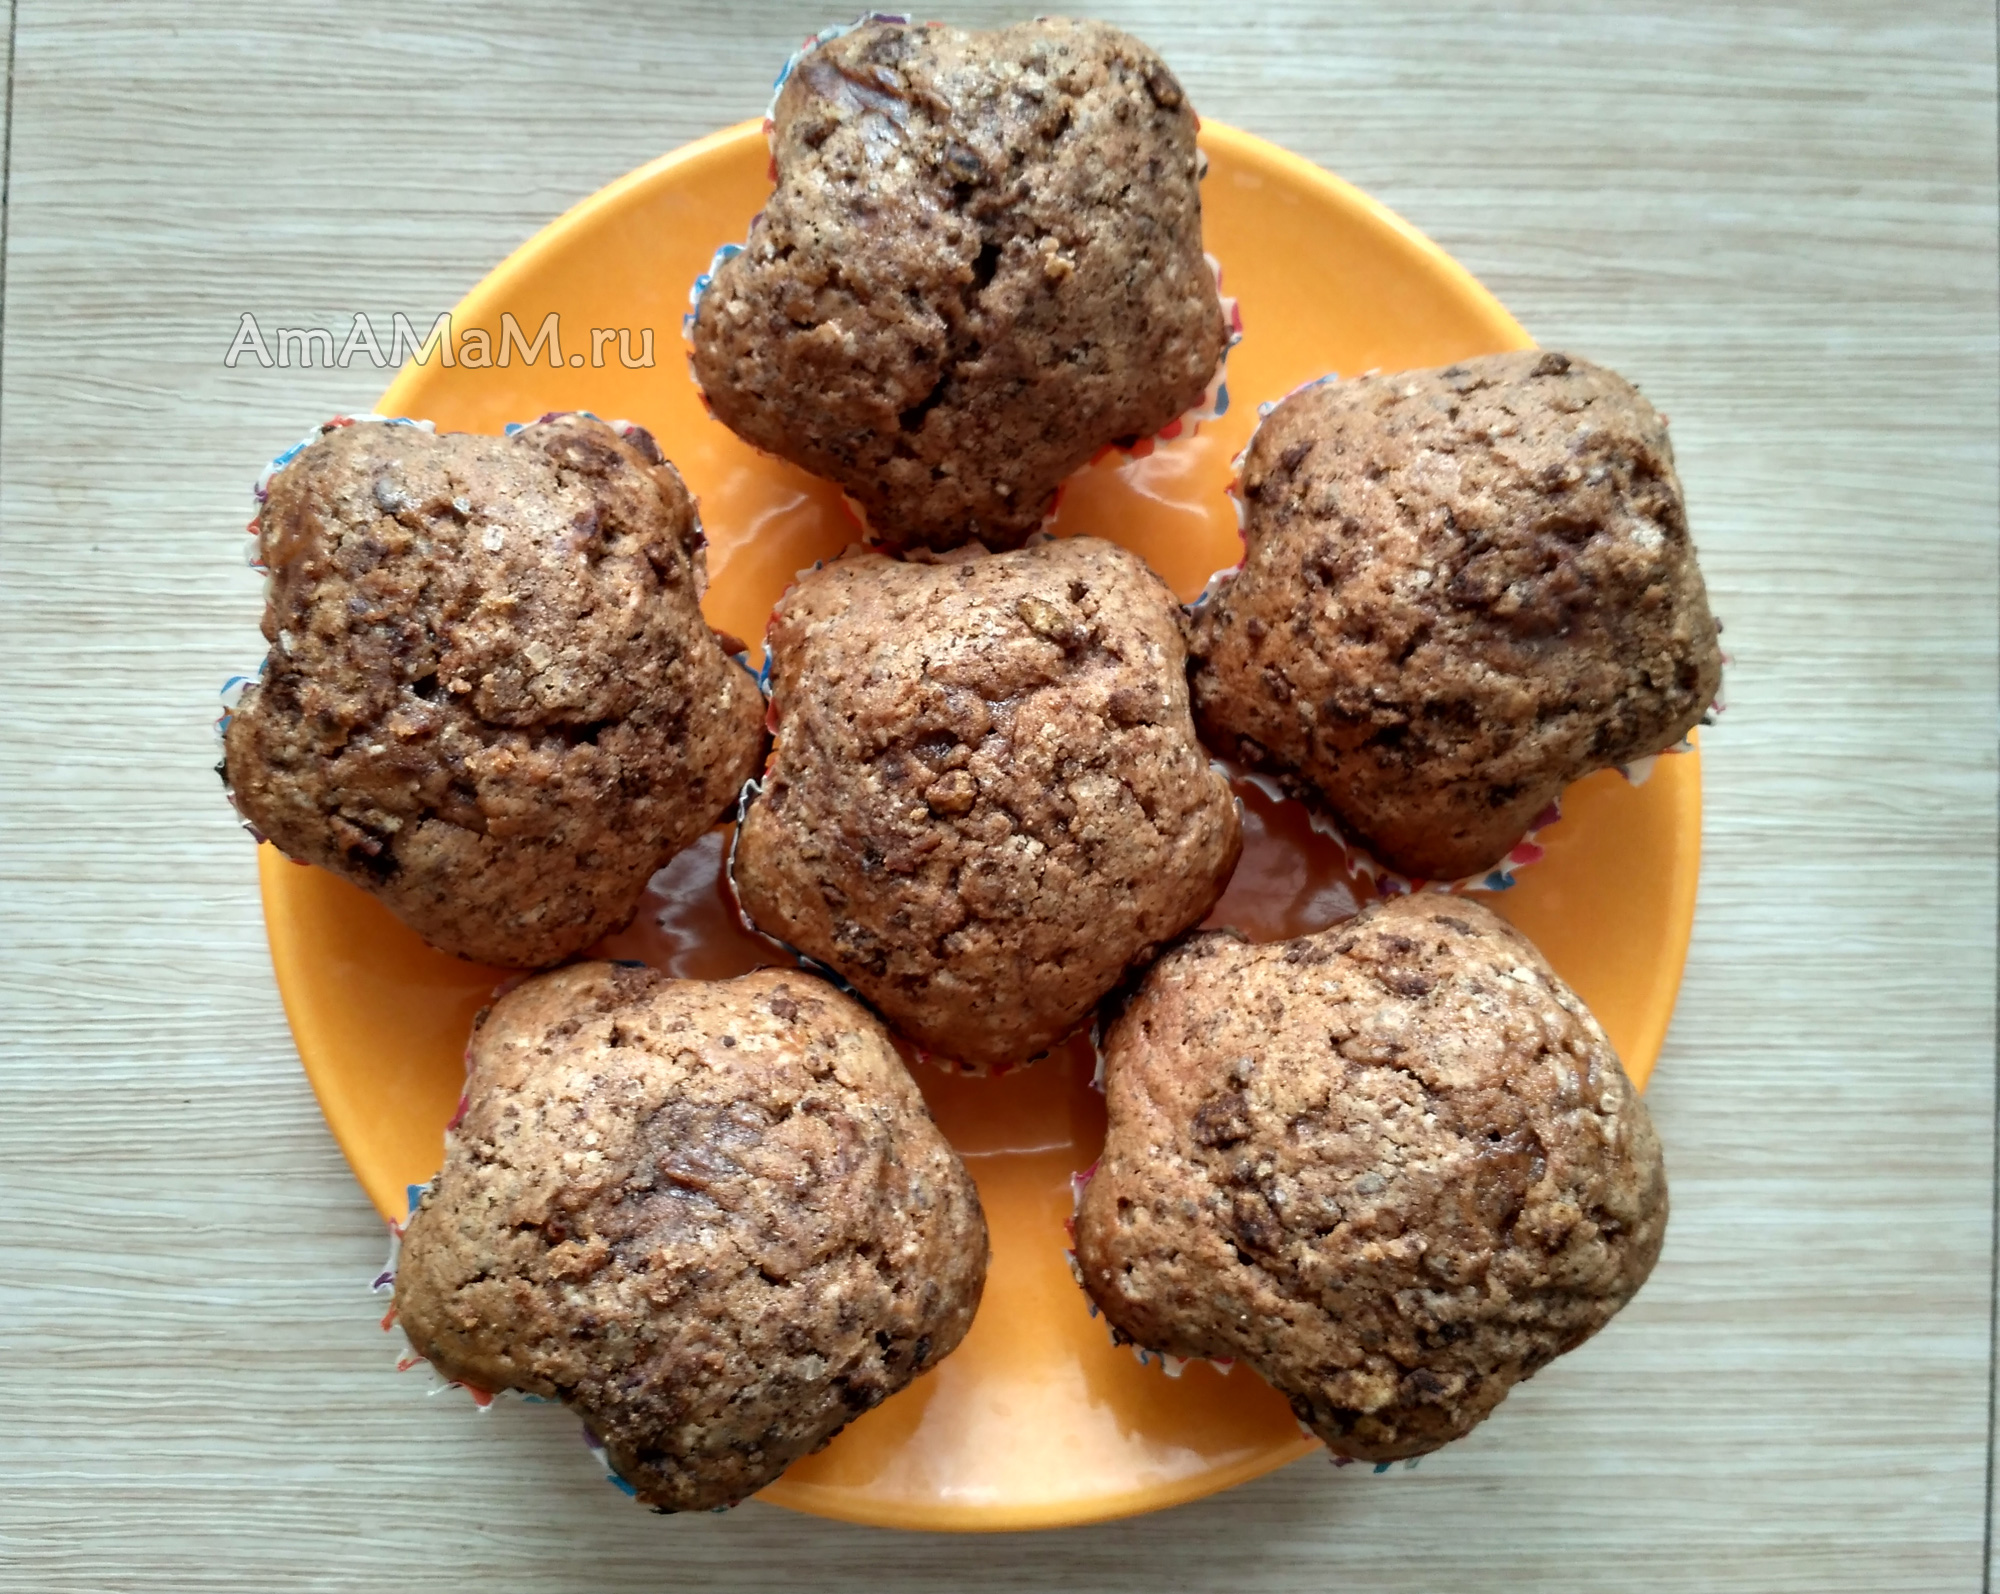 Рецепты кексов в силиконовых формочках - шоколадные